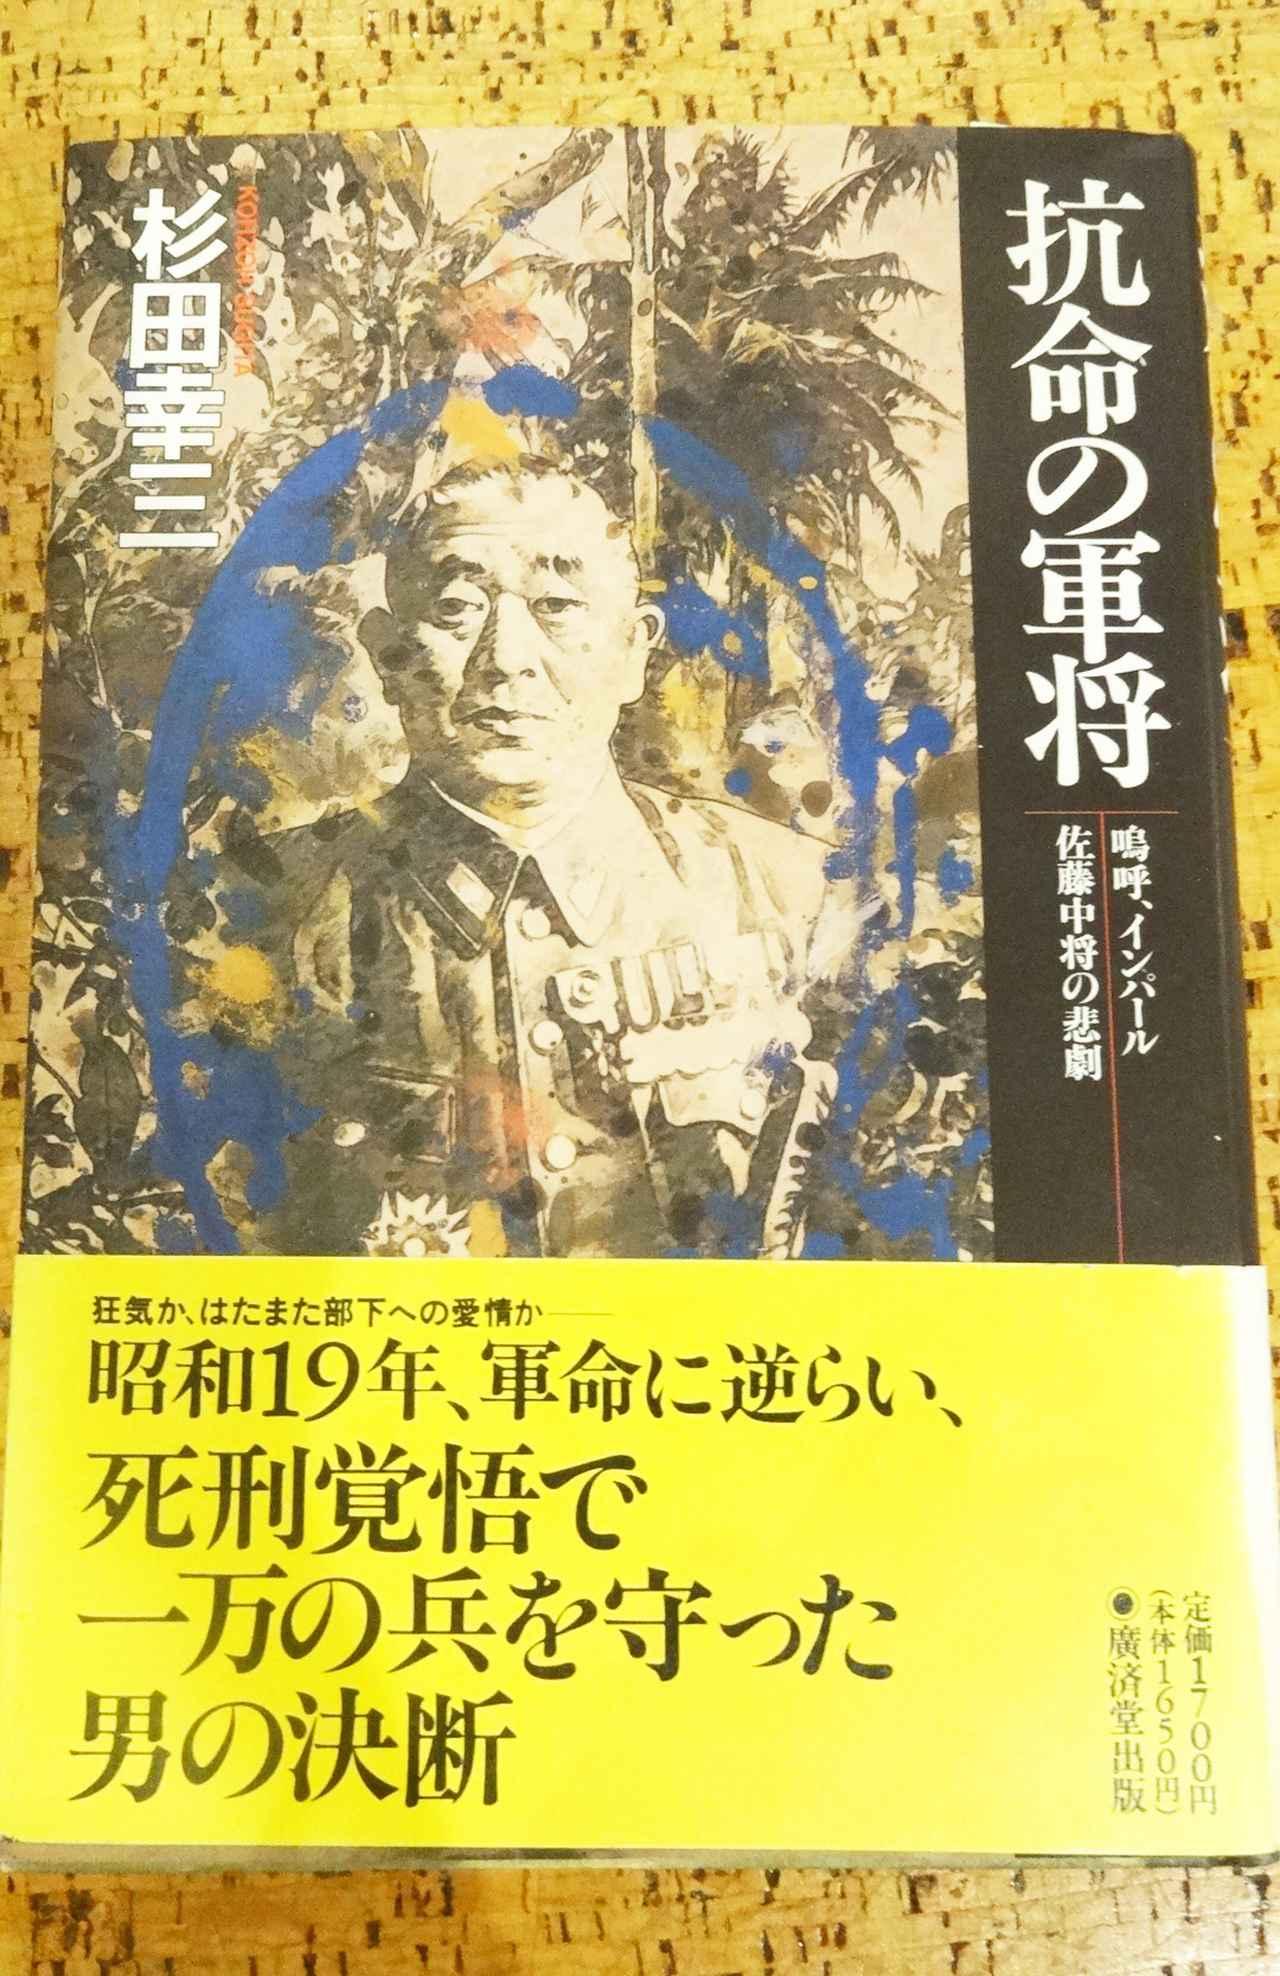 画像2: 永遠の図書室通信 第28話「戦地・インパール・ビルマ」